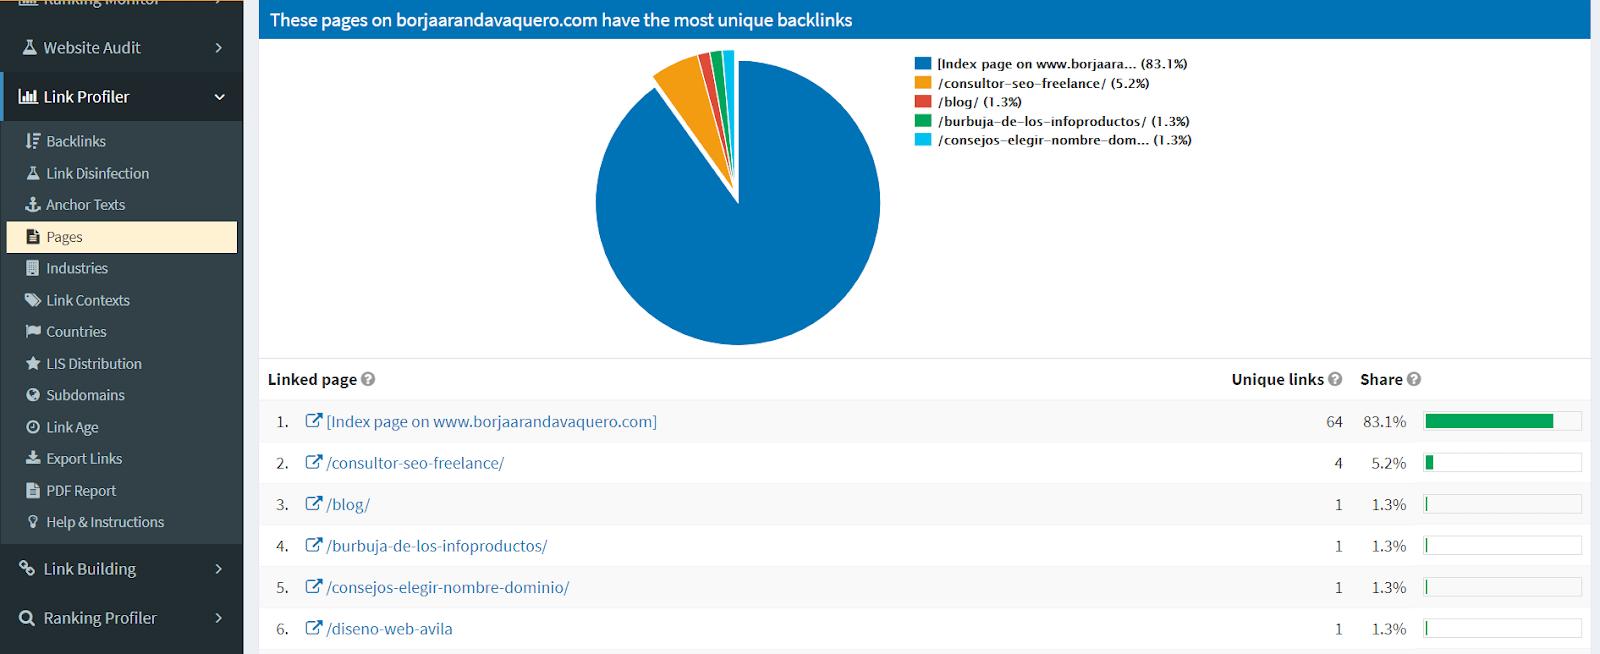 Páginas más enlazadas en Open Link Profiler